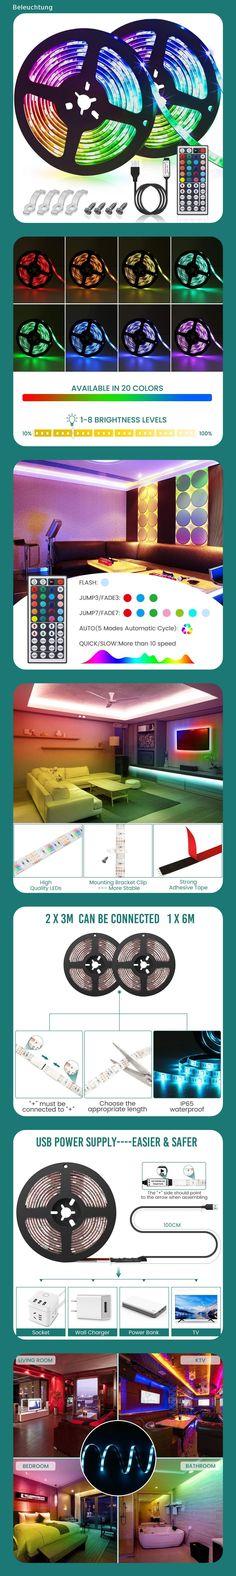 Beleuchtung · GLIME LED Streifen 6M Led Stripes RGB 5050SMD LED Bänder  Lichtband Mit 44 Tasten Fernbedienung 6